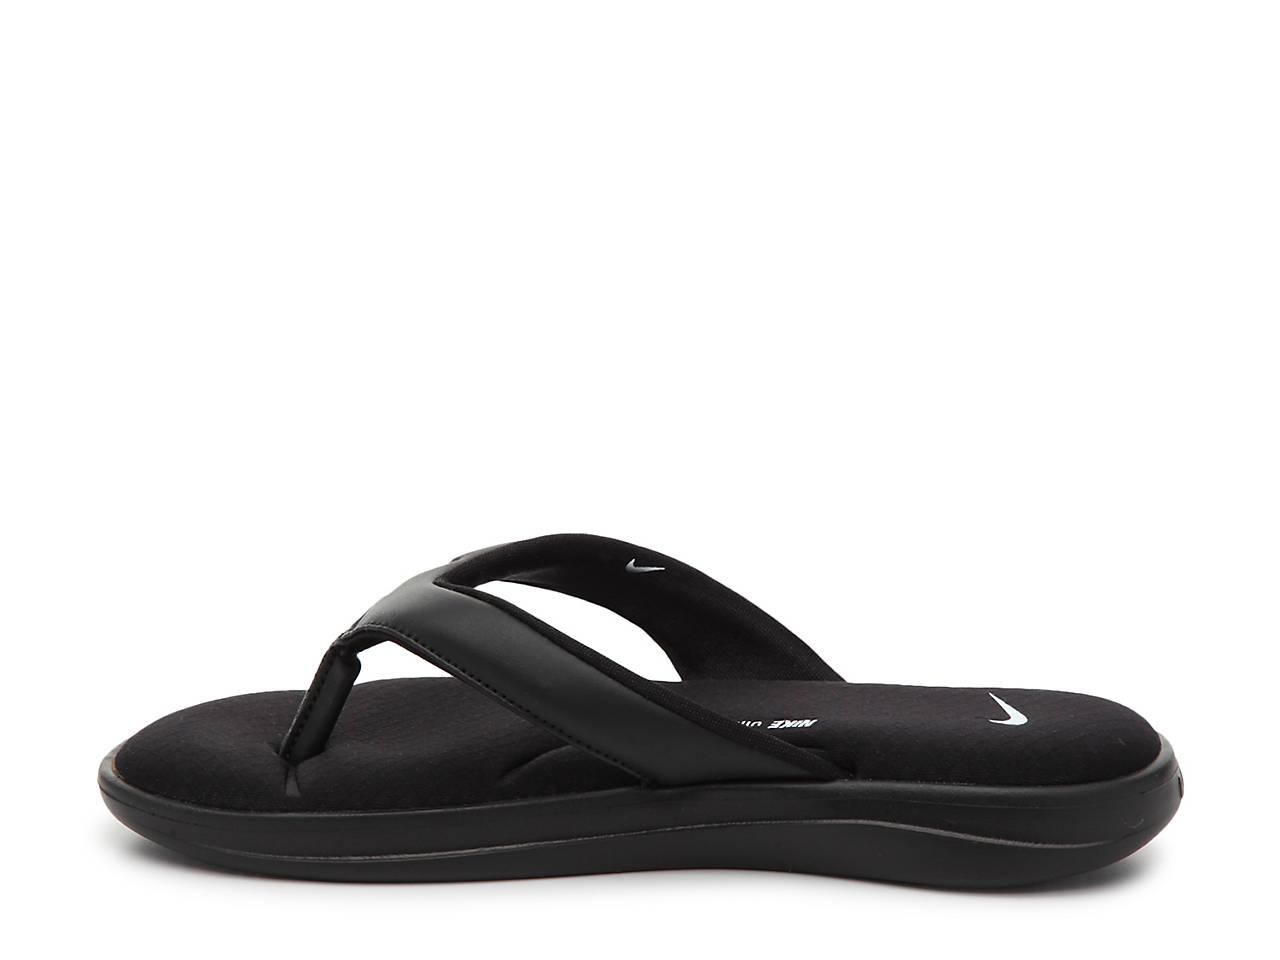 Nike Ultra Comfort 3 Flip Flop Women S Shoes Dsw